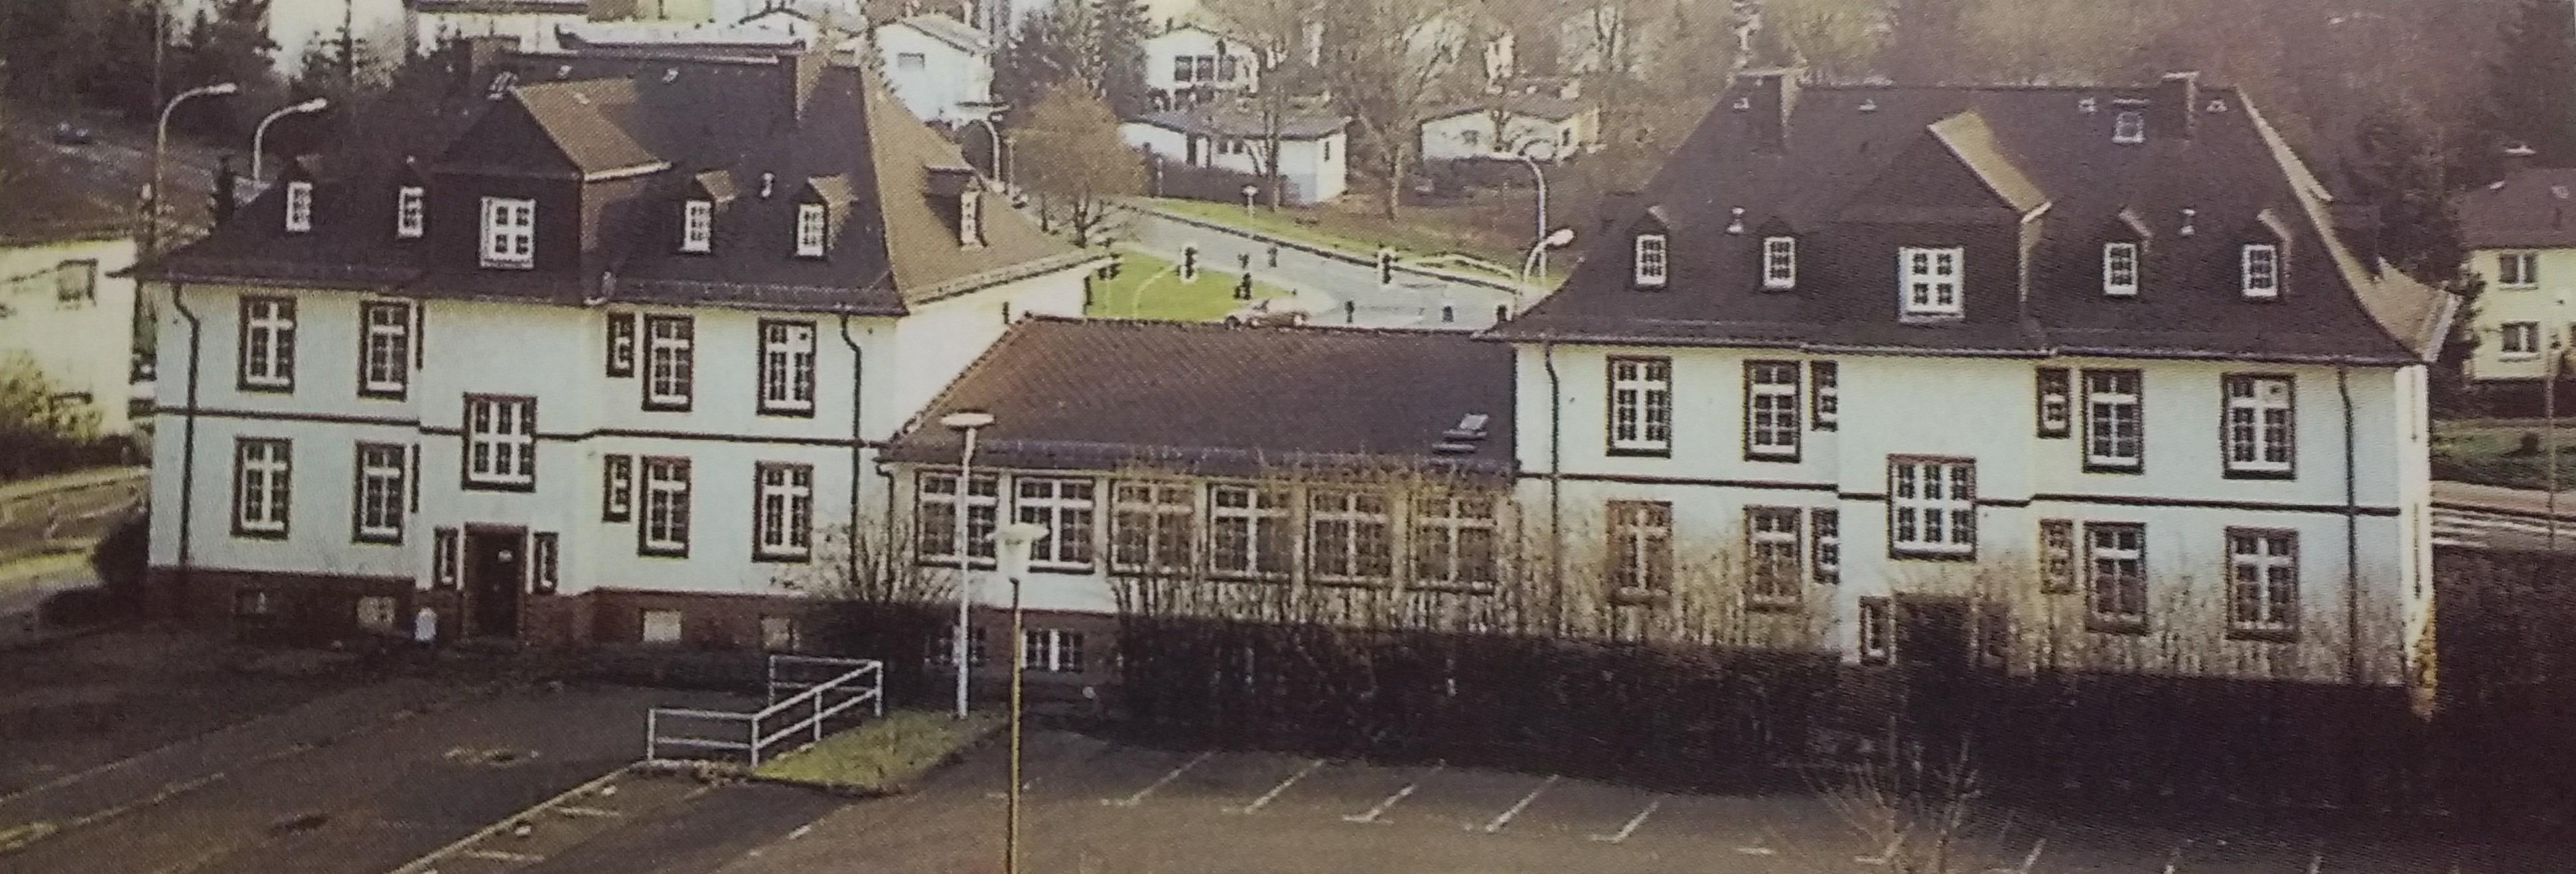 Das Gebäude des ZHTK in Wetzlar für Jungunternehmer